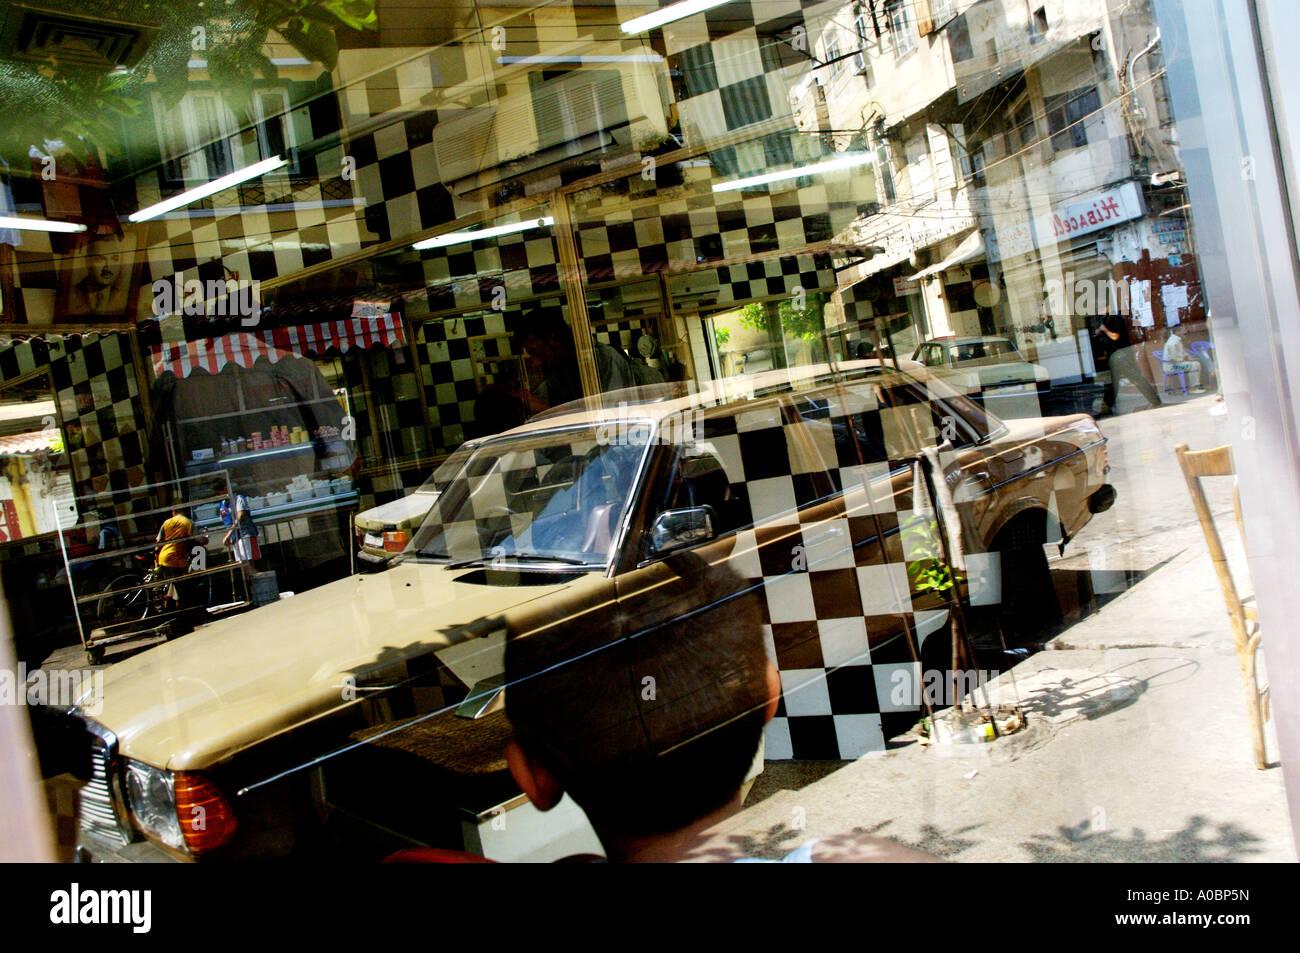 Il mercato storico nel nord della città libanese di Tripoli, Libano. Foto Stock